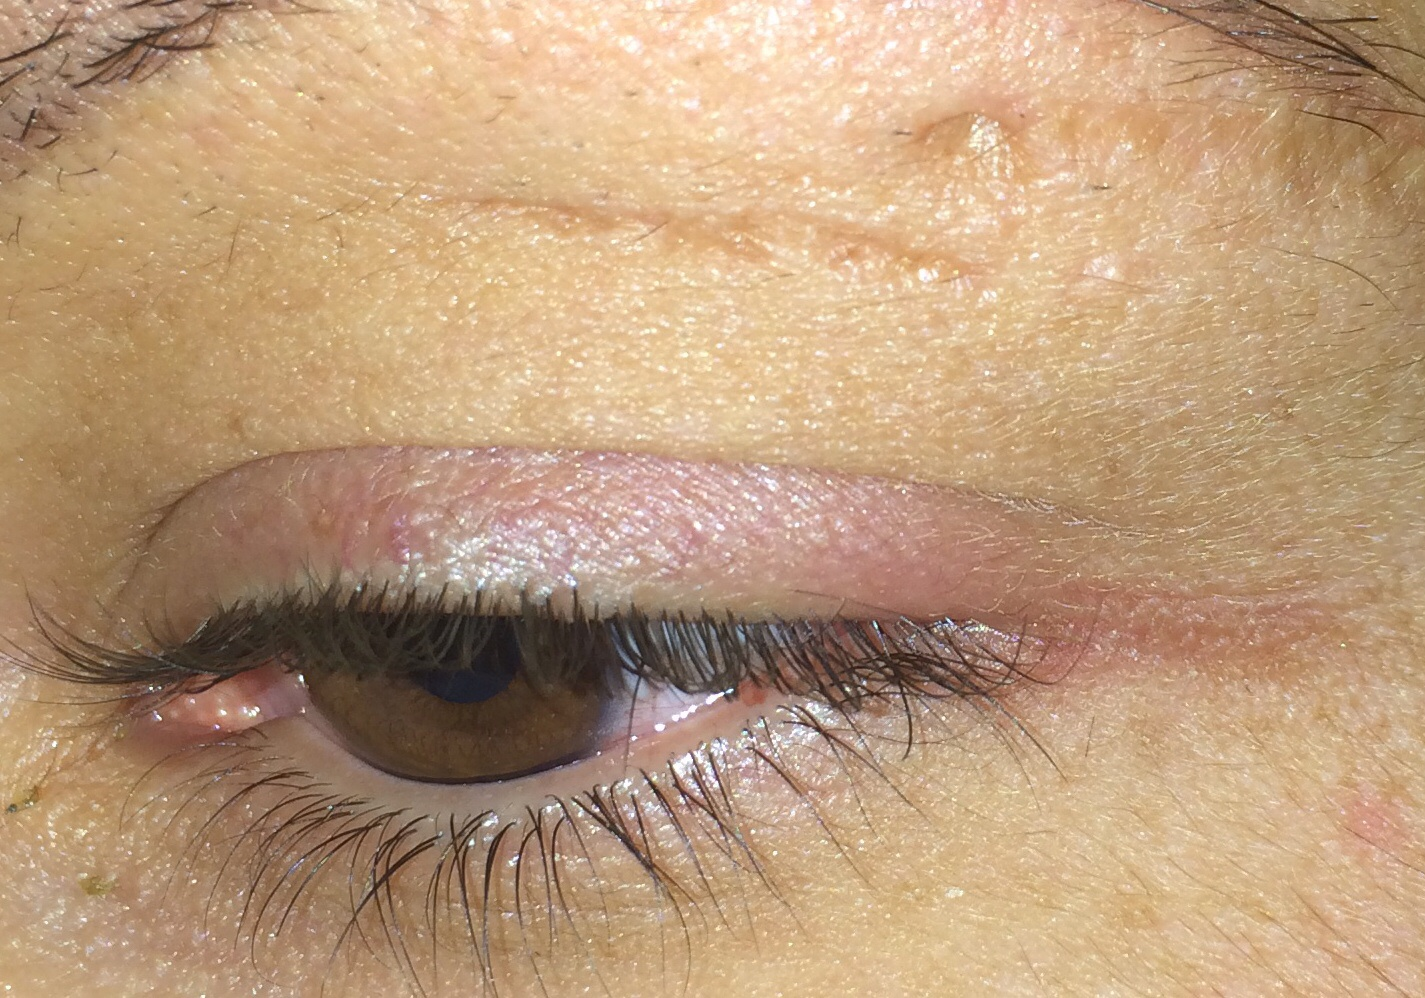 Die Kephalgien schwill das Auge morgens eben an